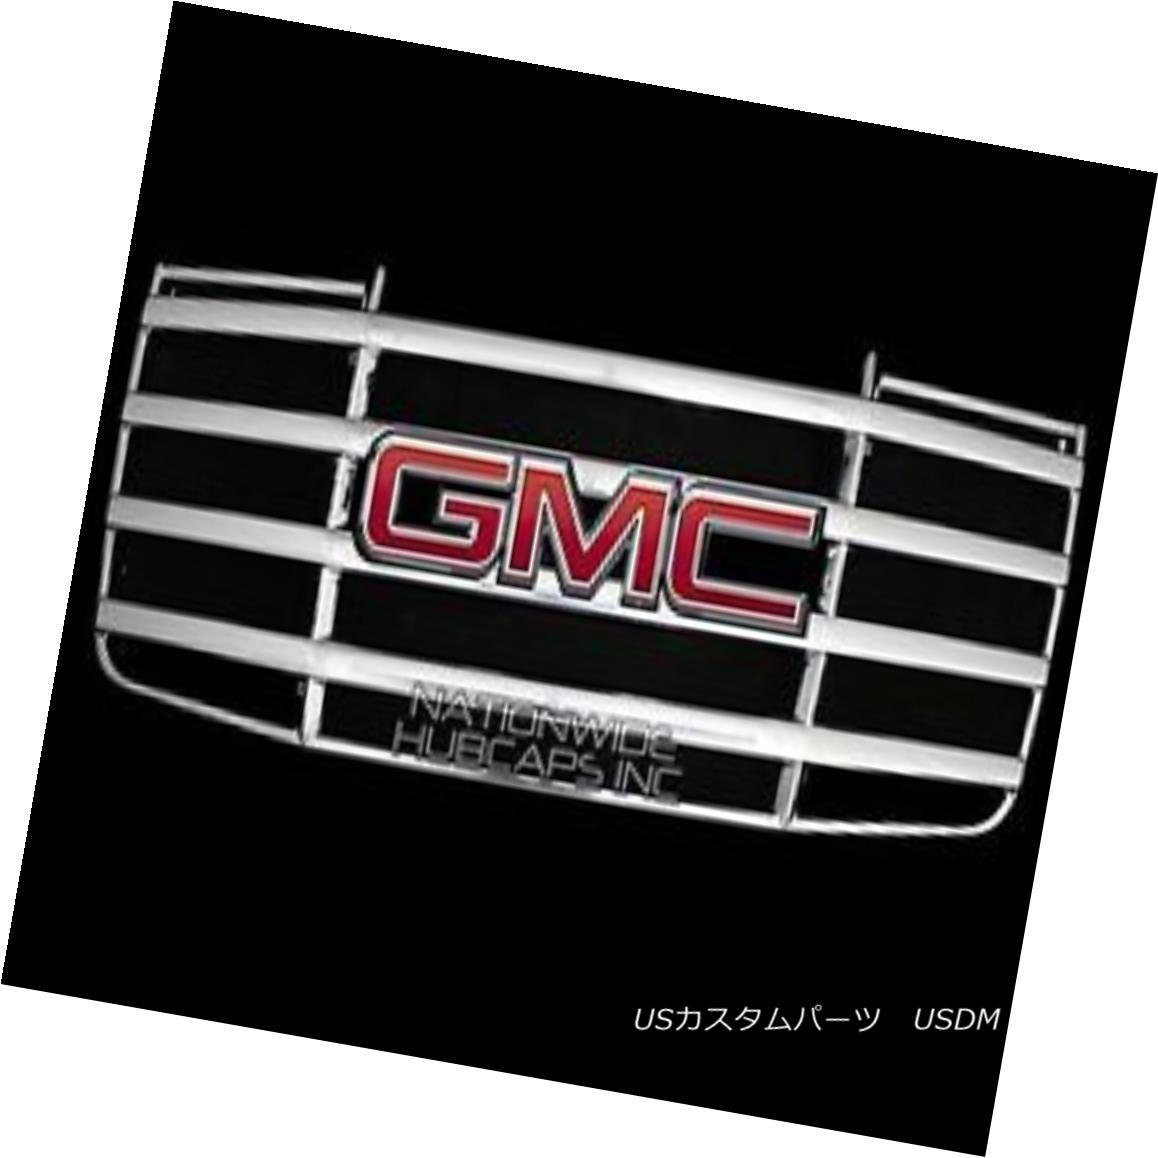 グリル fits 2007-2010 GMC Sierra 2500 3500 HD CHROME Snap On Grille Overlay Grill Cover フィット2007-2010 GMC Sierra 2500 3500 HDクロームスナップオングリルオーバーレイグリルカバー